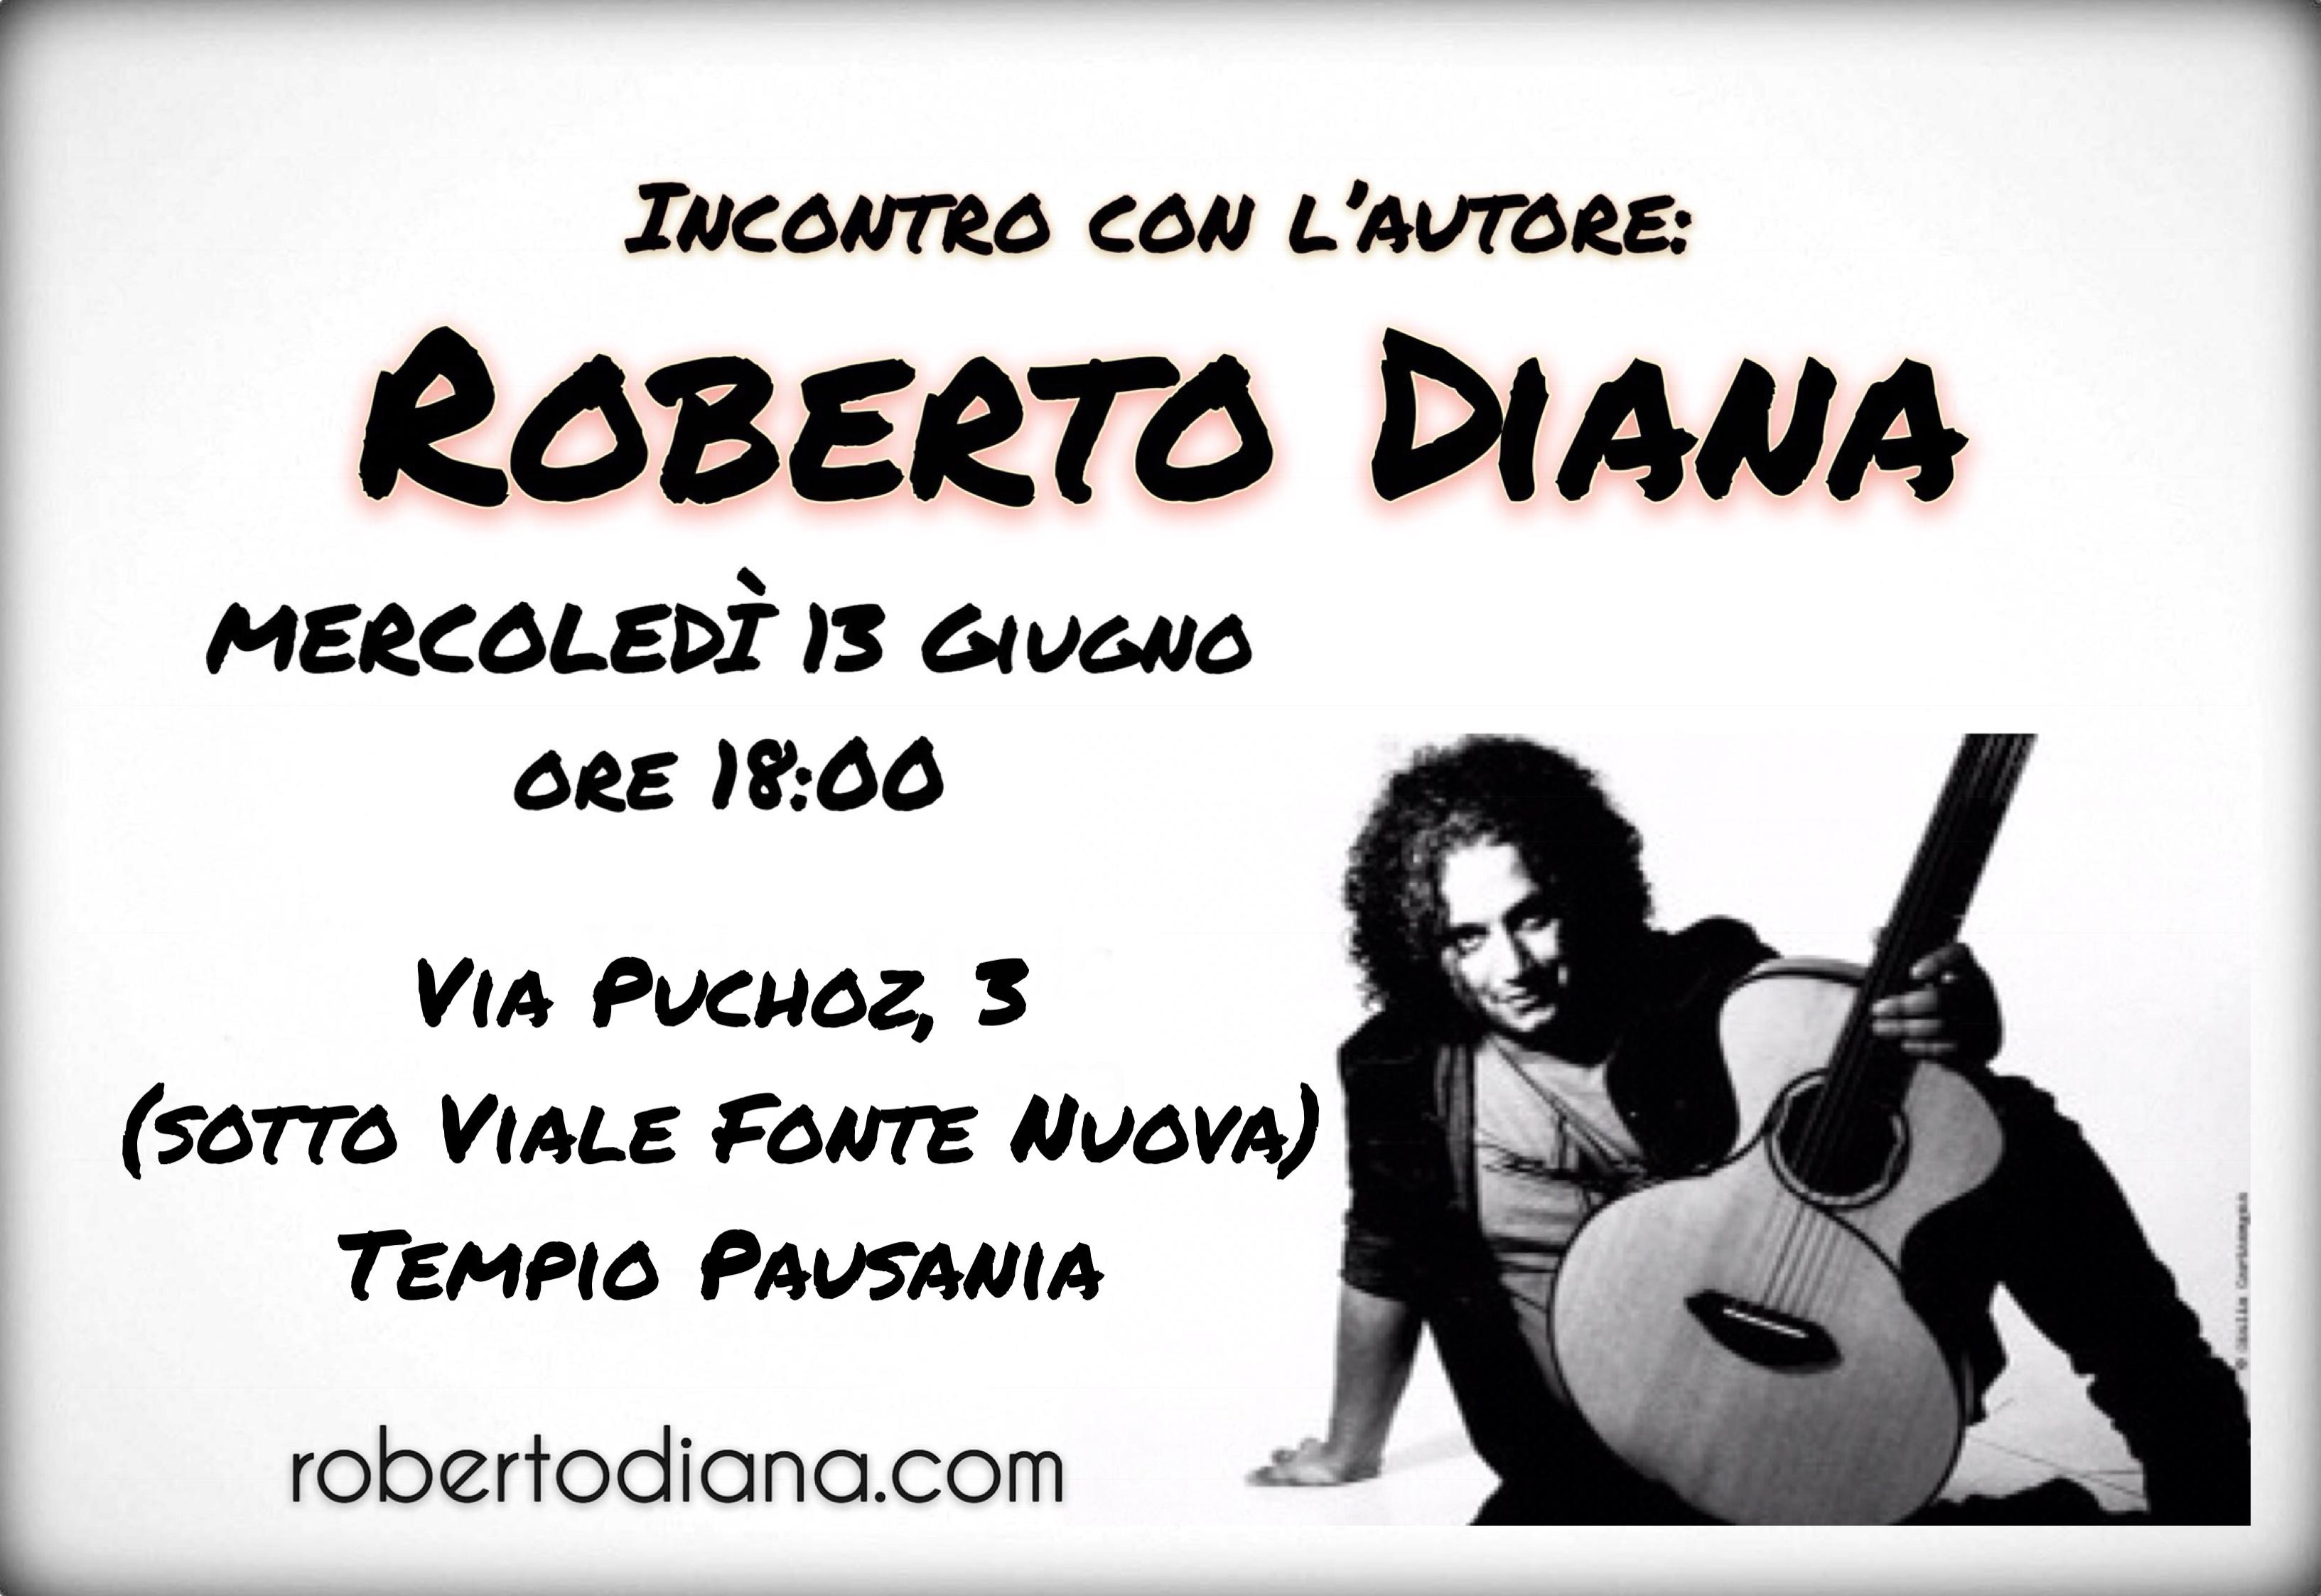 Incontro con l'artista - Roberto Diana musica musicista